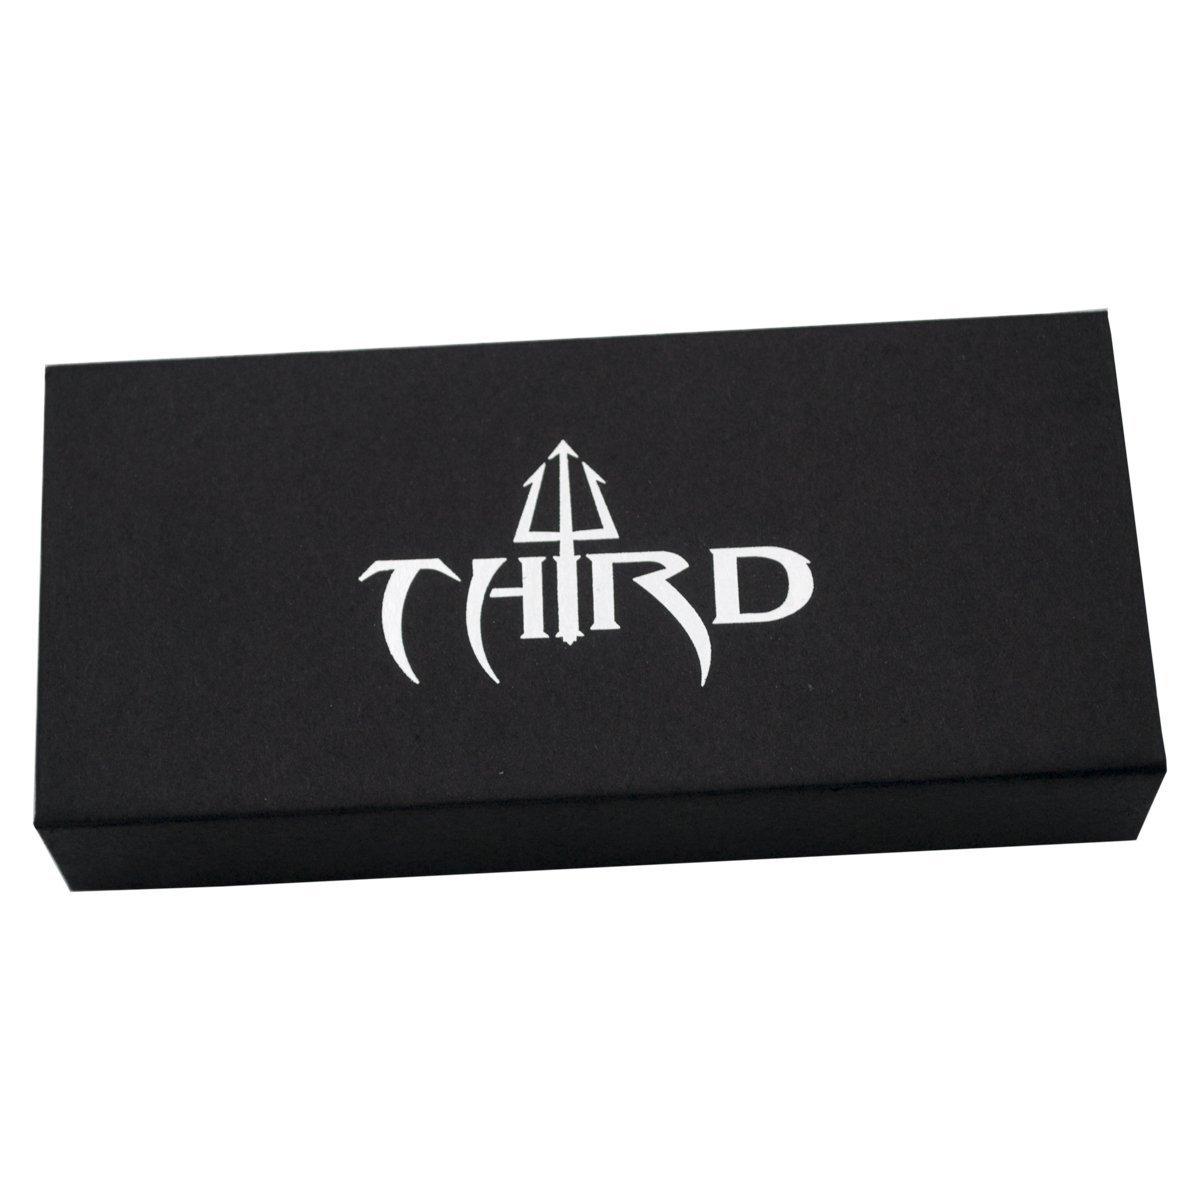 hoja de acero inox negra de 10.5 cm Navaja asistida de rescate Third 17576N Con clip y caja de presentaci/ón. mango de aluminio negro